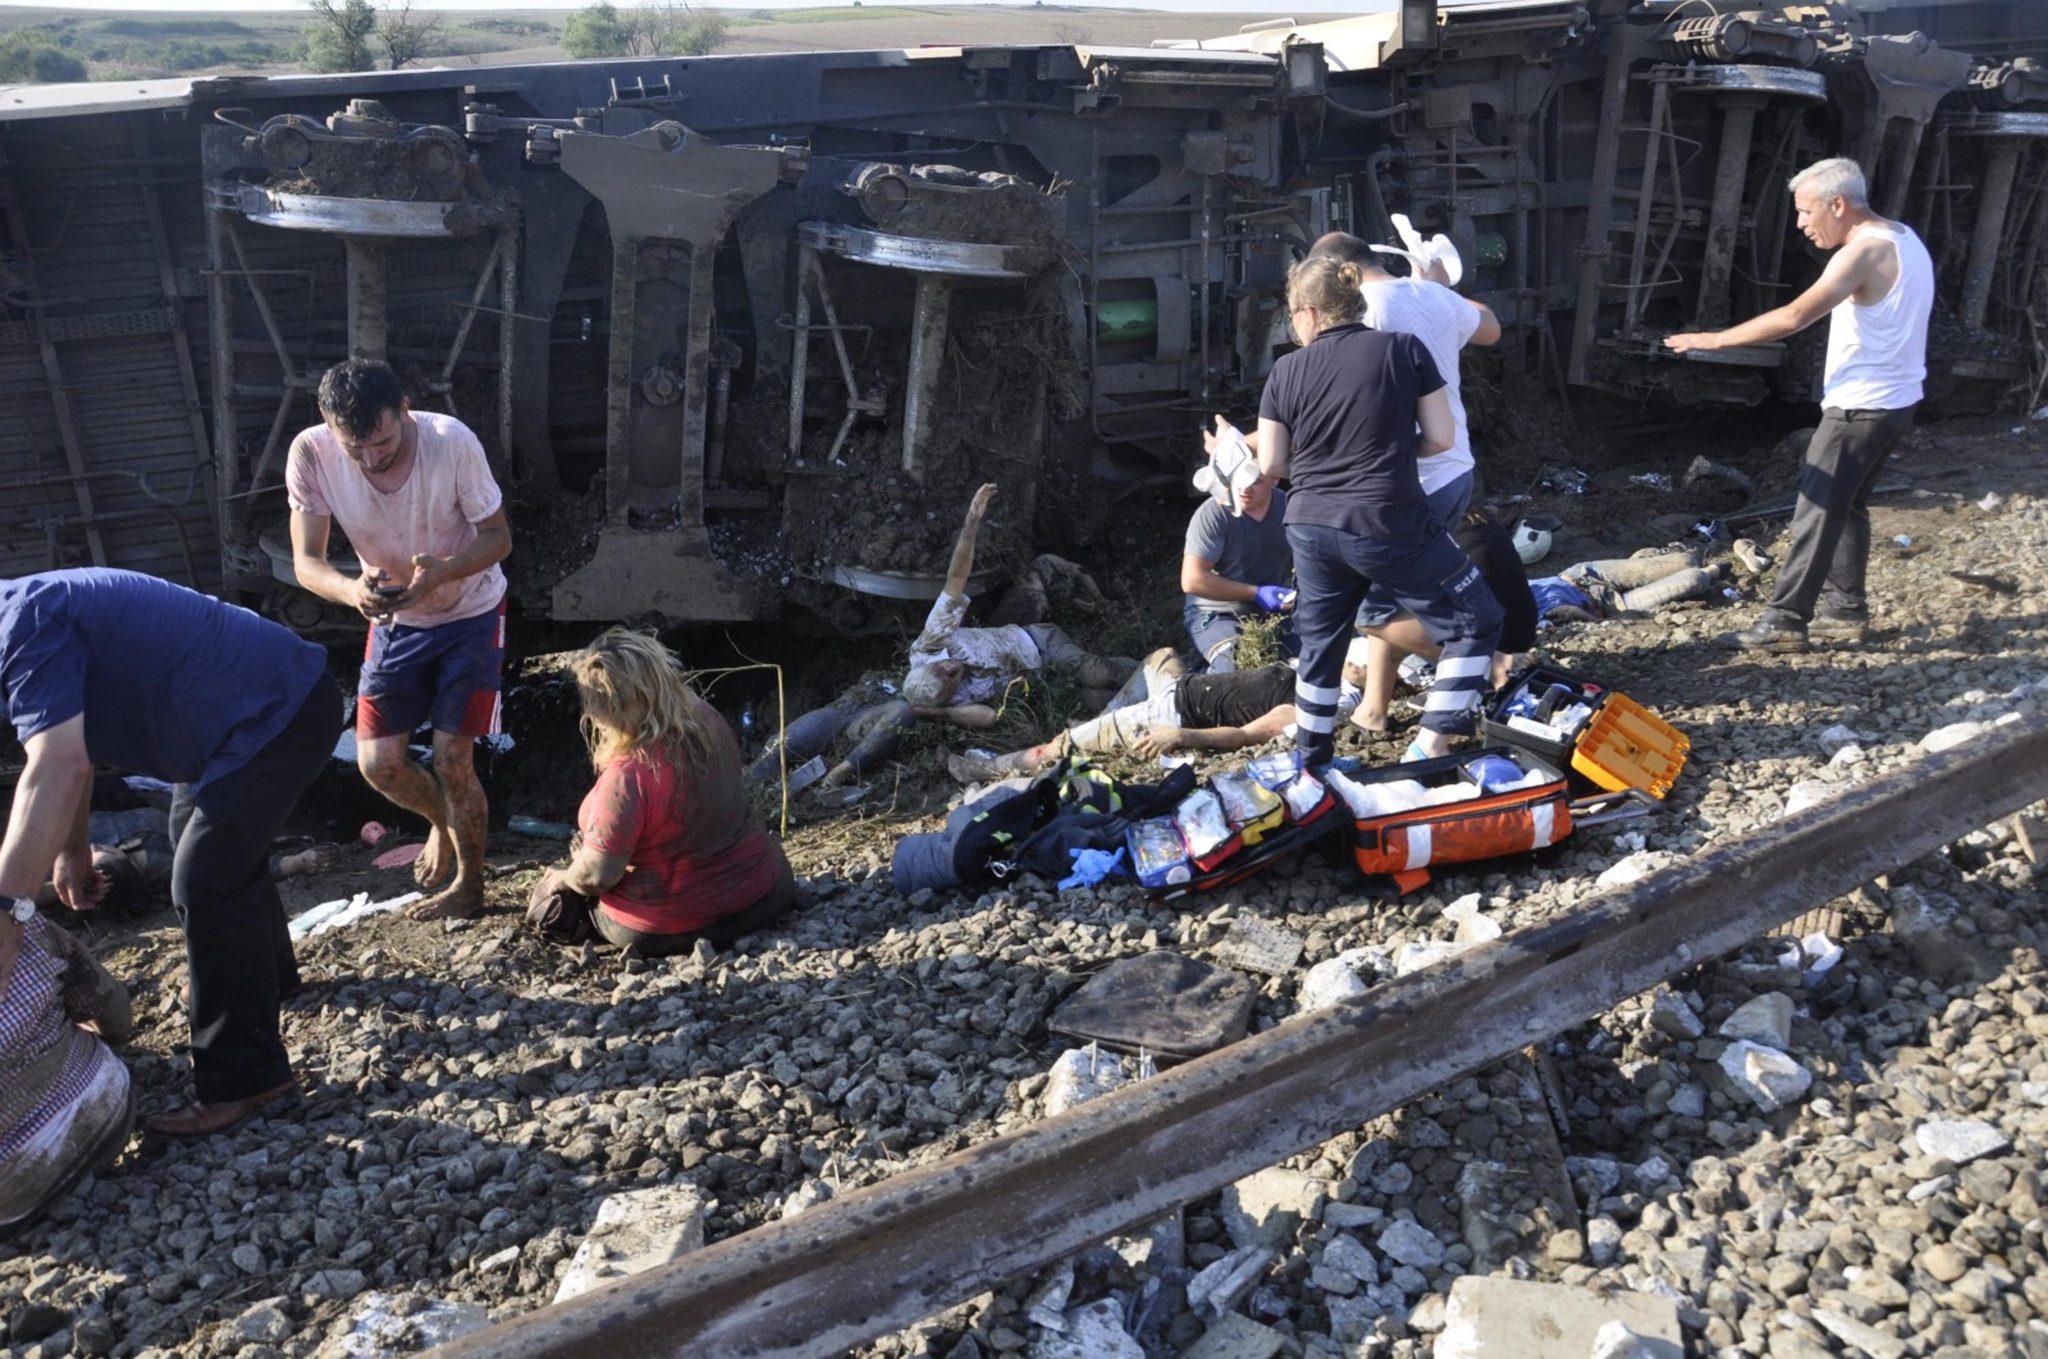 Dziesięć osób zginęło, a 73 odniosły obrażenia, gdy w niedzielę wykoleił się w północno-zachodniej Turcji pociąg pasażerski, fot:  Mehmet Yirun, PAP/EPA